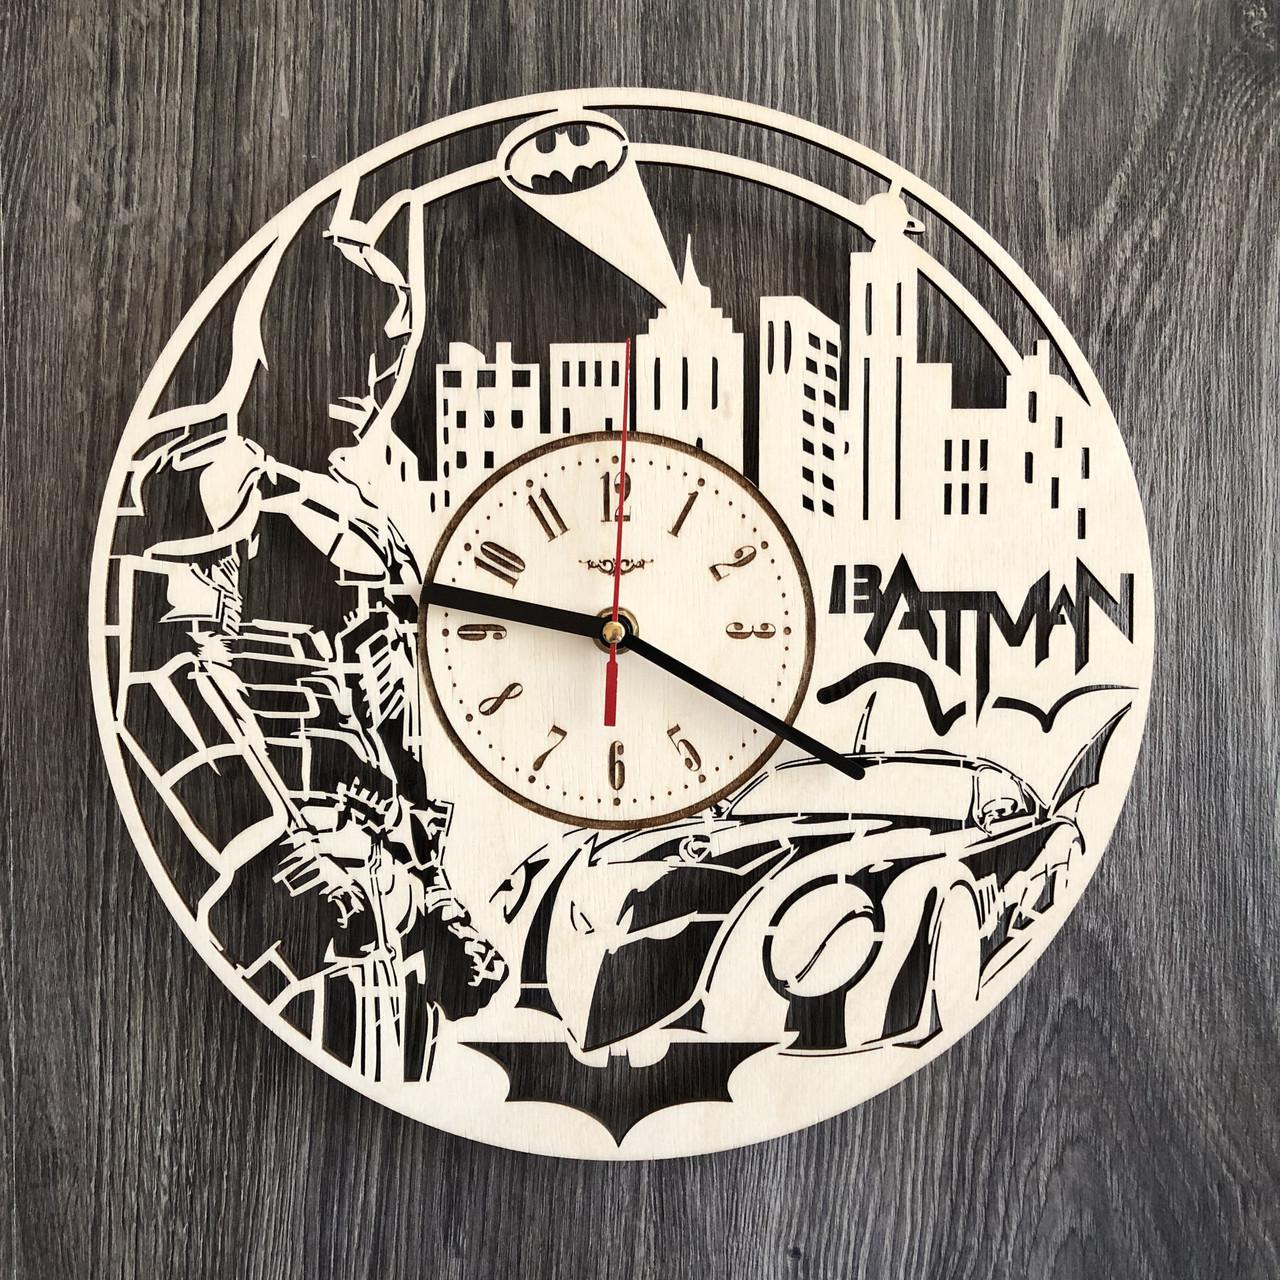 Настенные часы из дерева с плавным ходом Бэтмен CL-0260